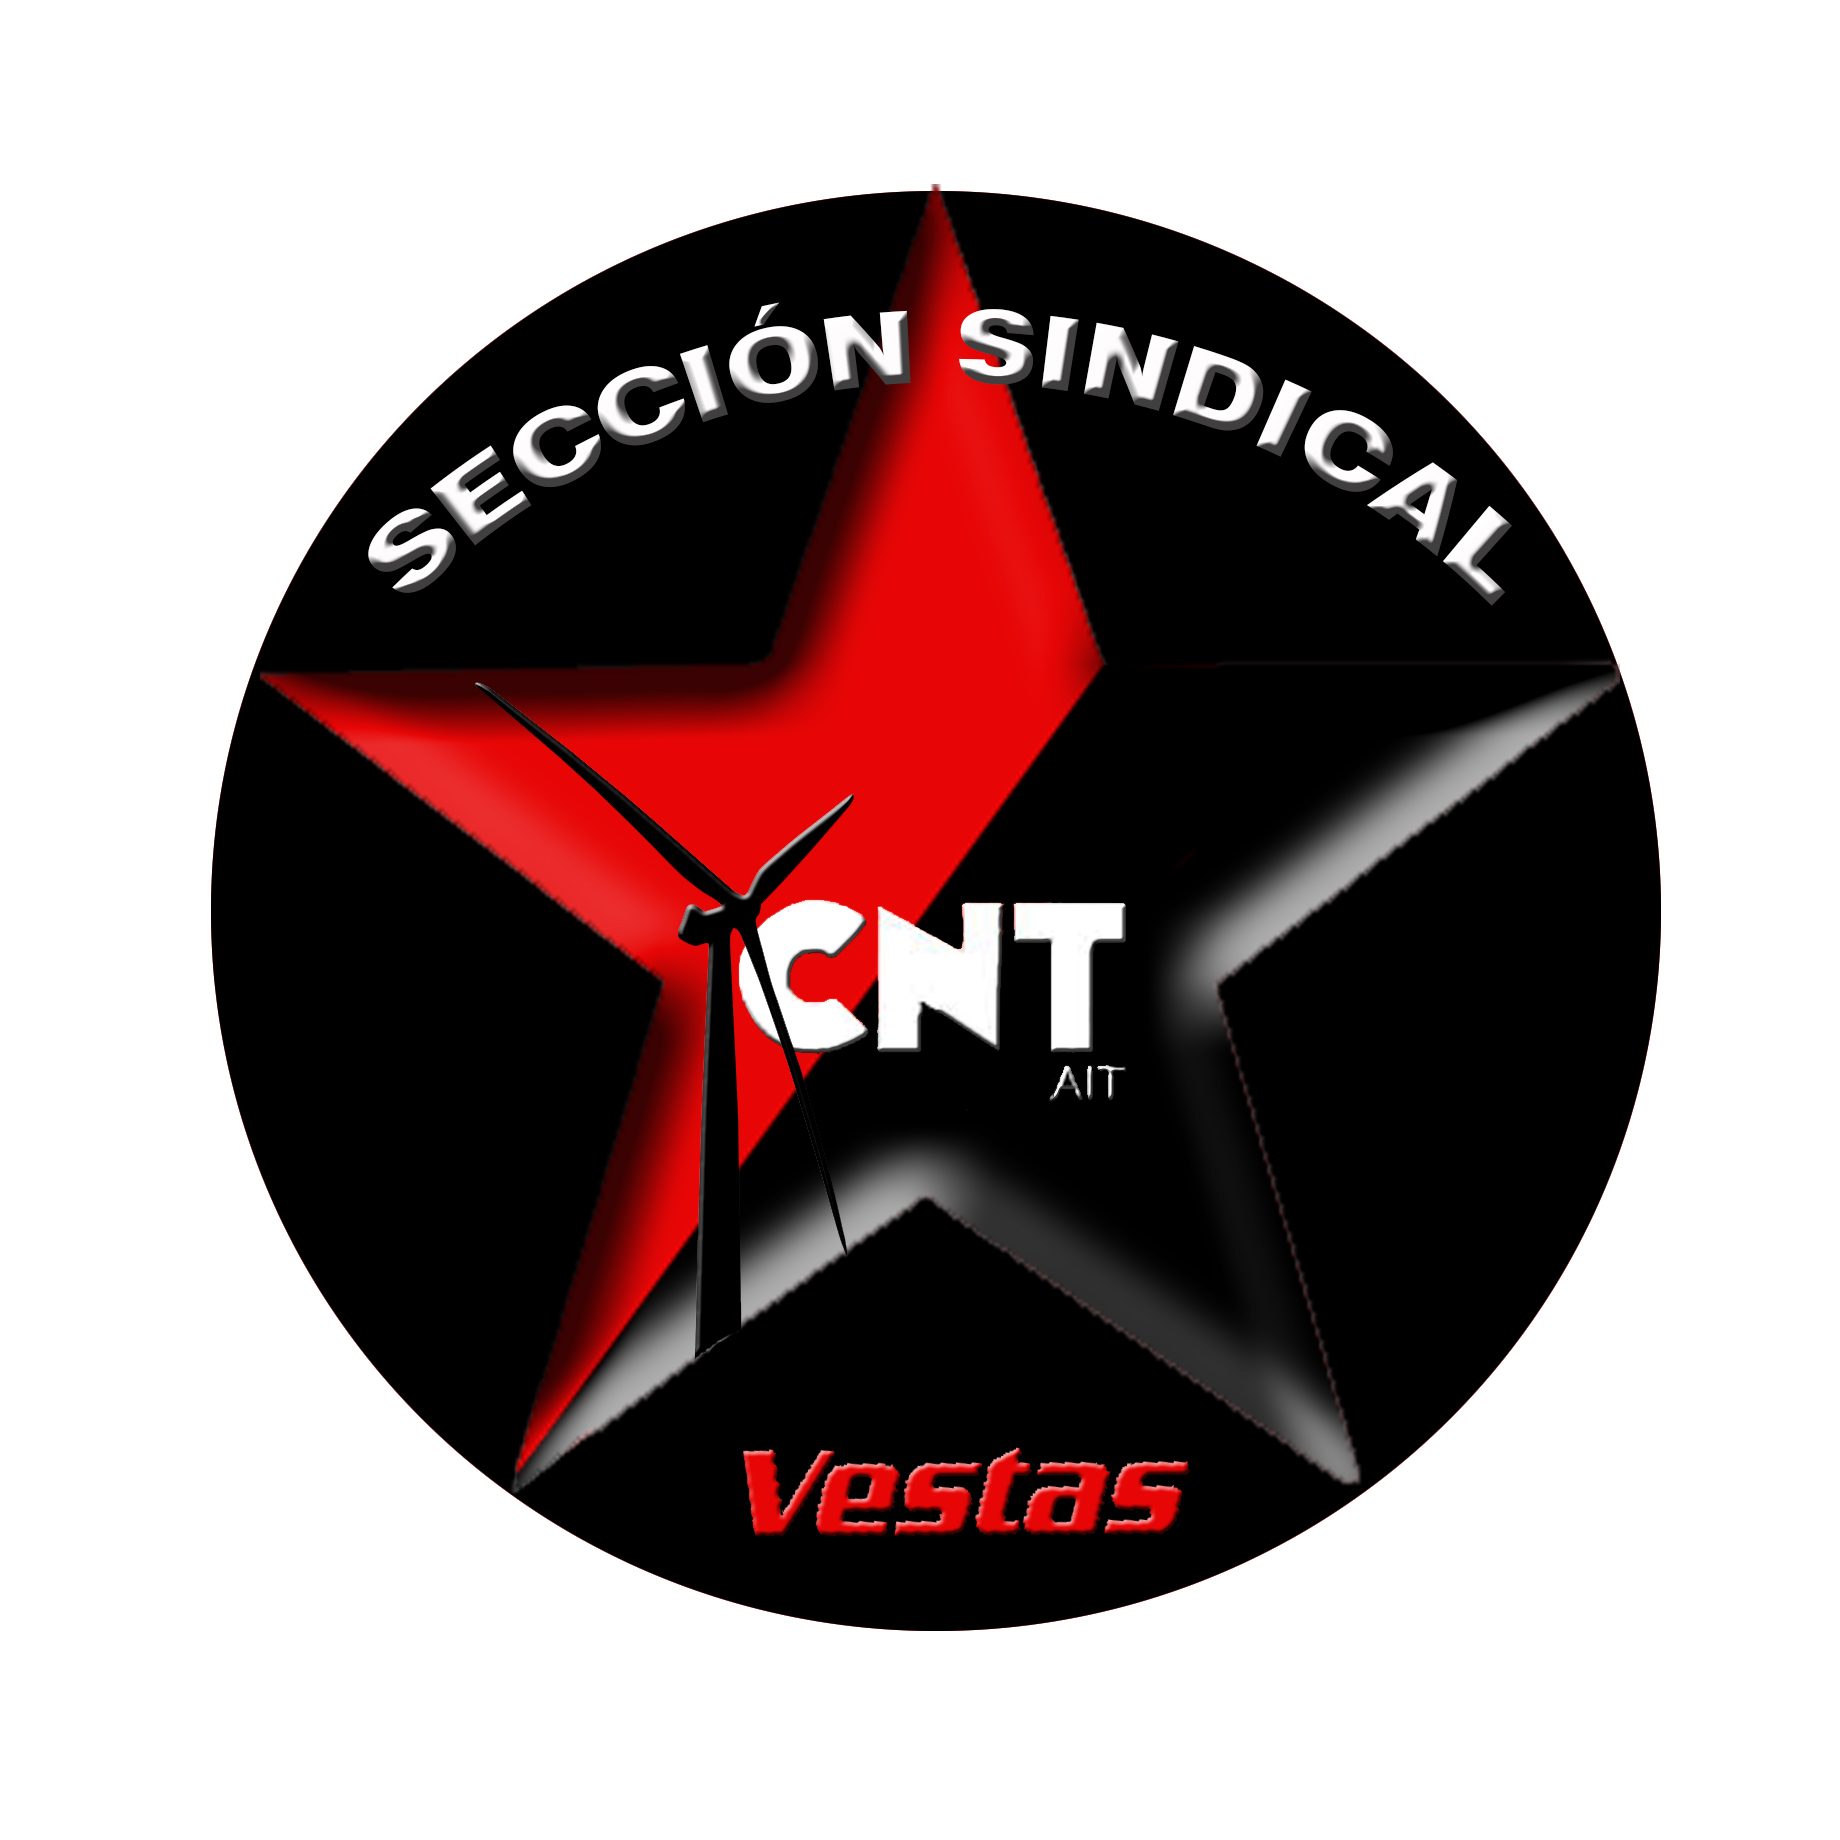 La sección sindical CNT-VESTAS presenta: Mesa debate alrededor del Conflicto Laboral